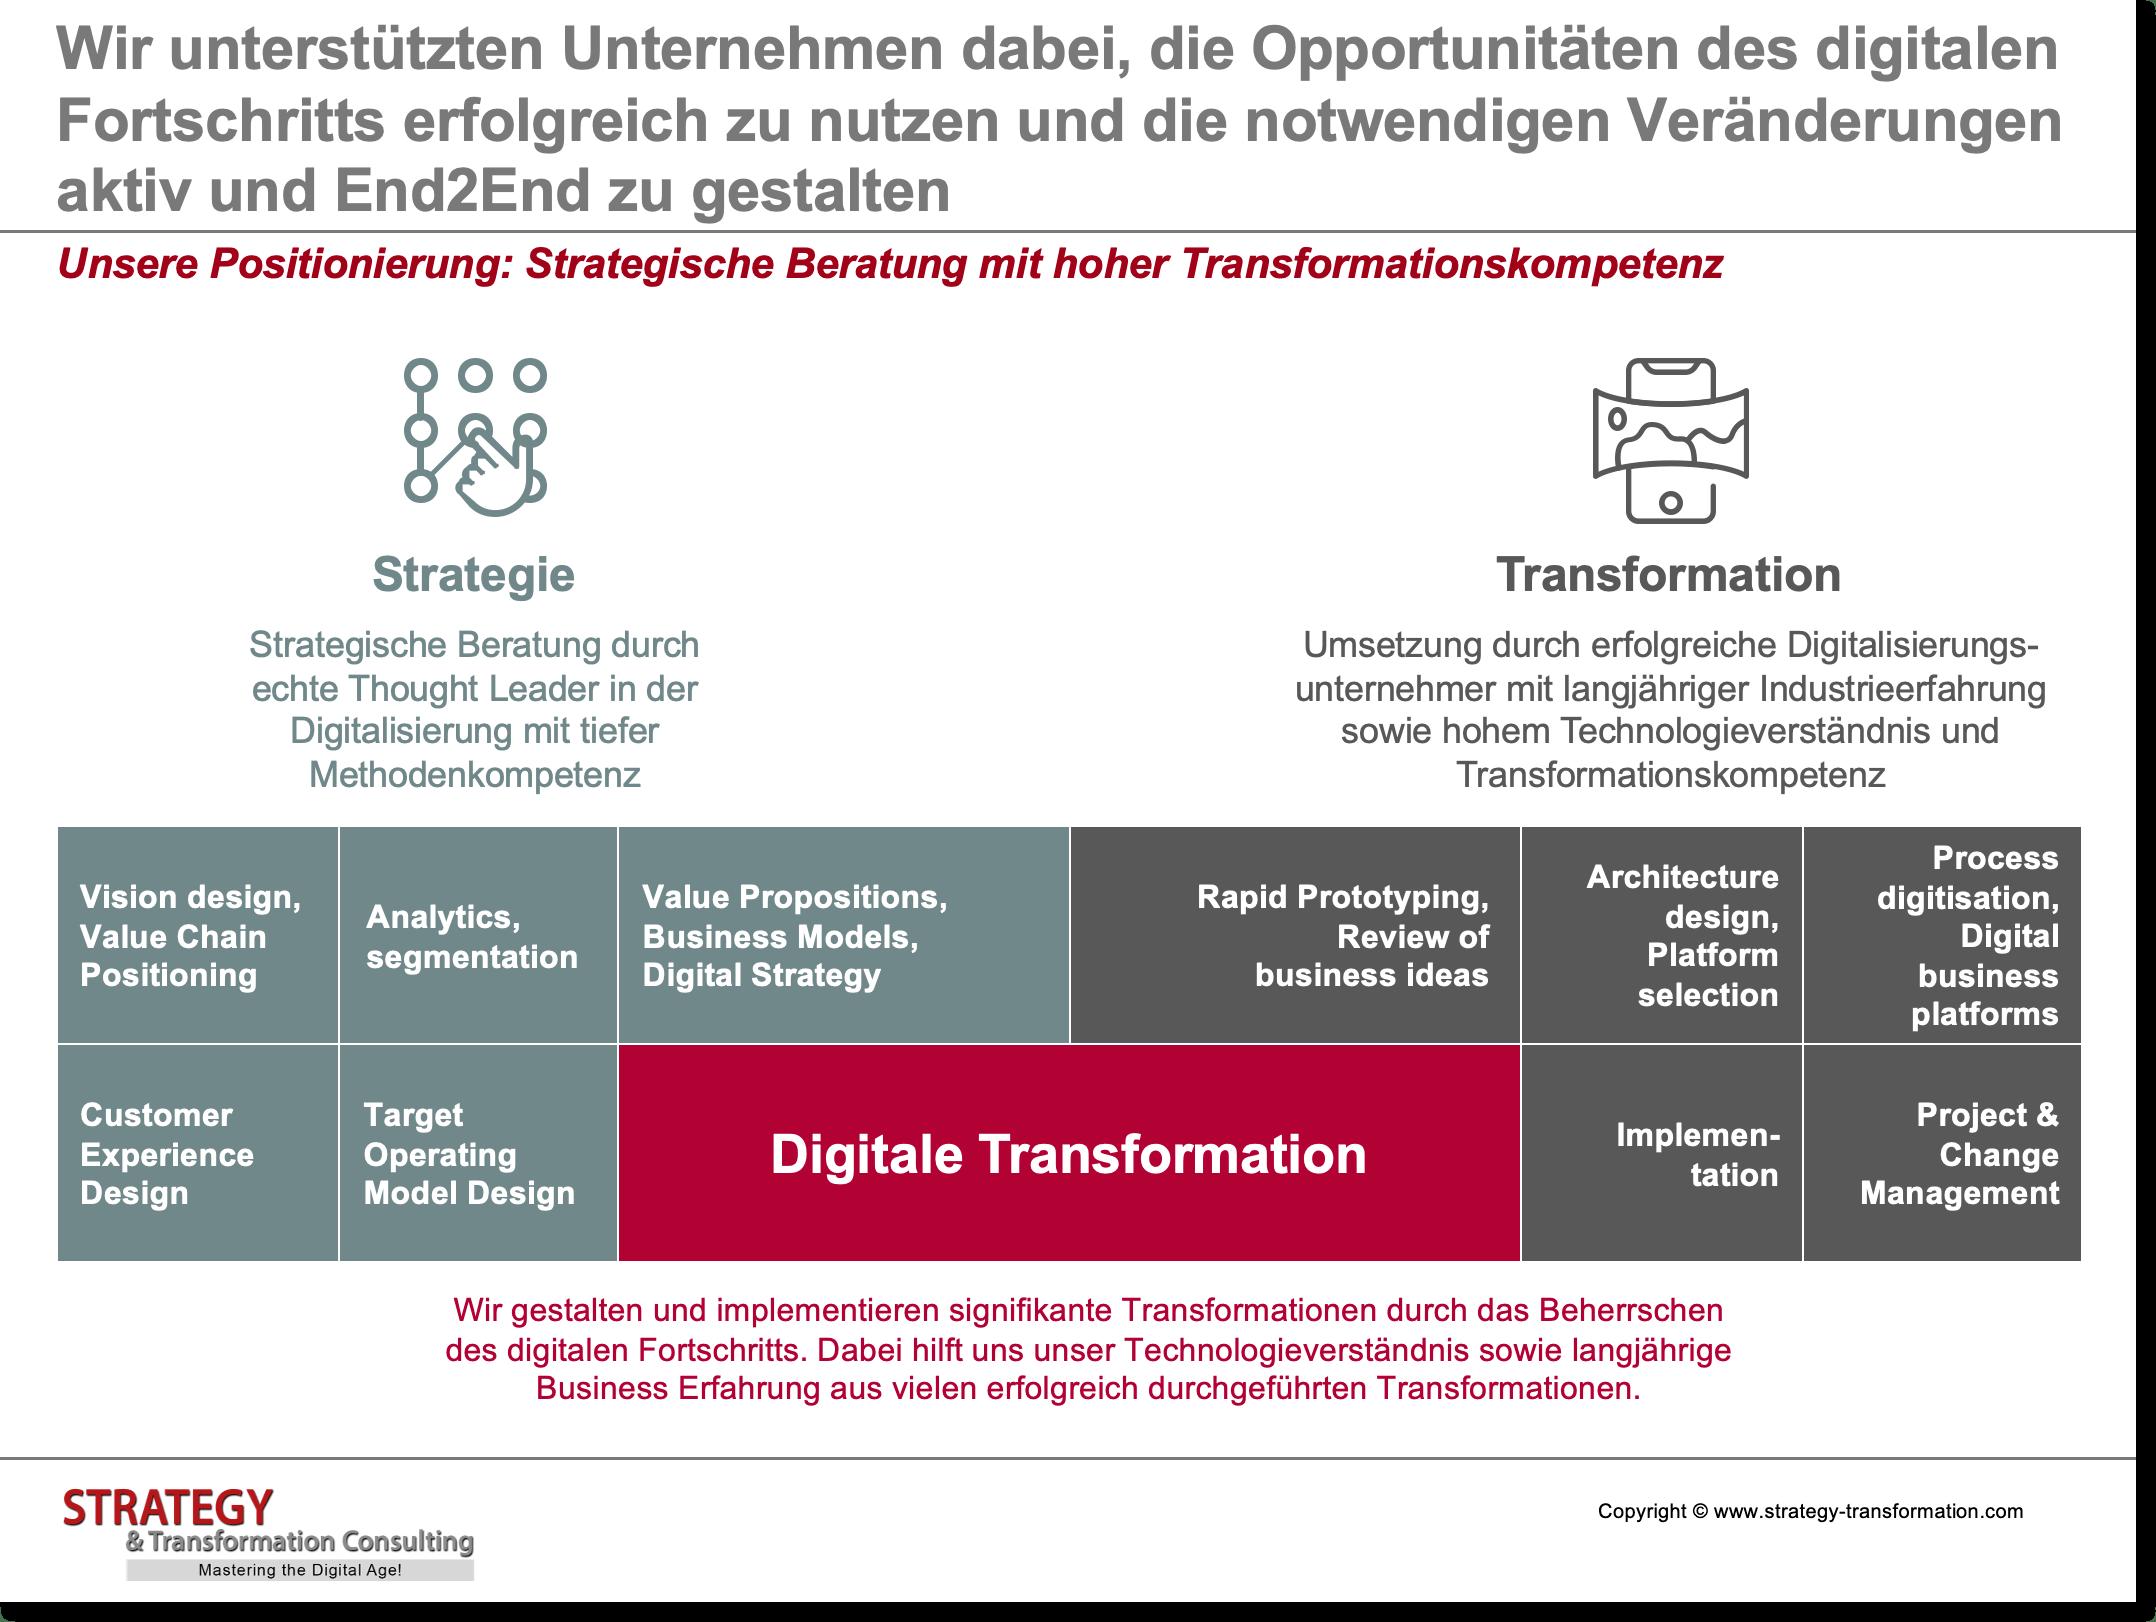 Unsere Positionierung: Strategische Beratung mit hoher Transformationskompetenz